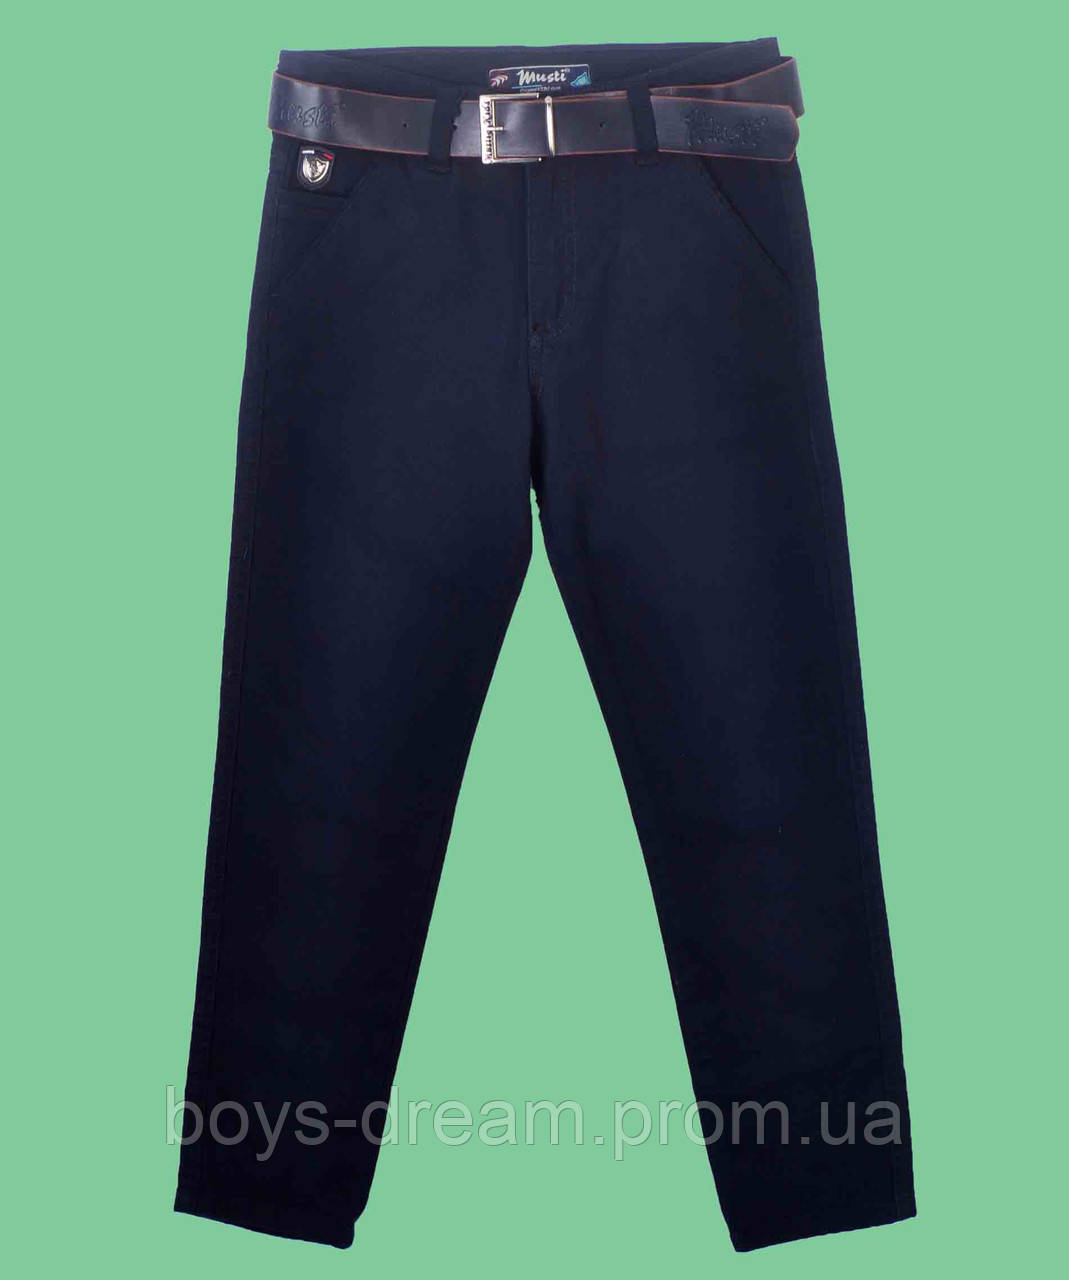 Классические брюки для мальчика 6-16  лет (Турция)